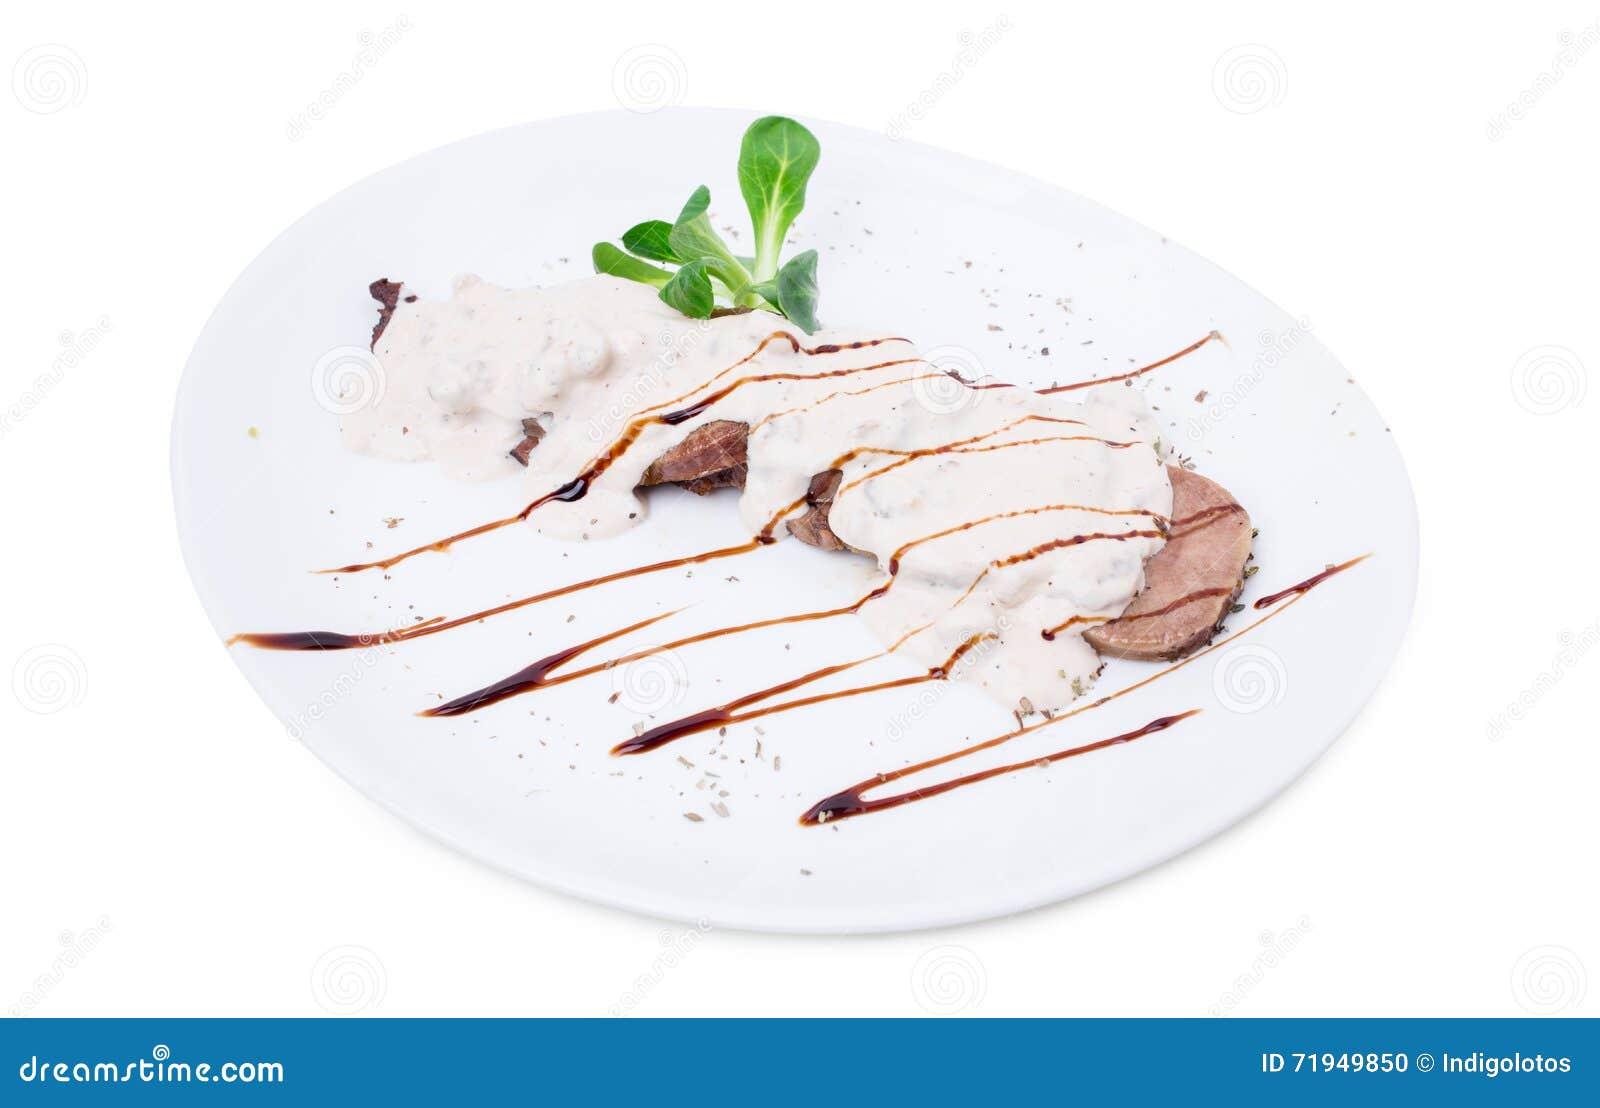 Очень вкусный зажаренный в духовке язык телятины